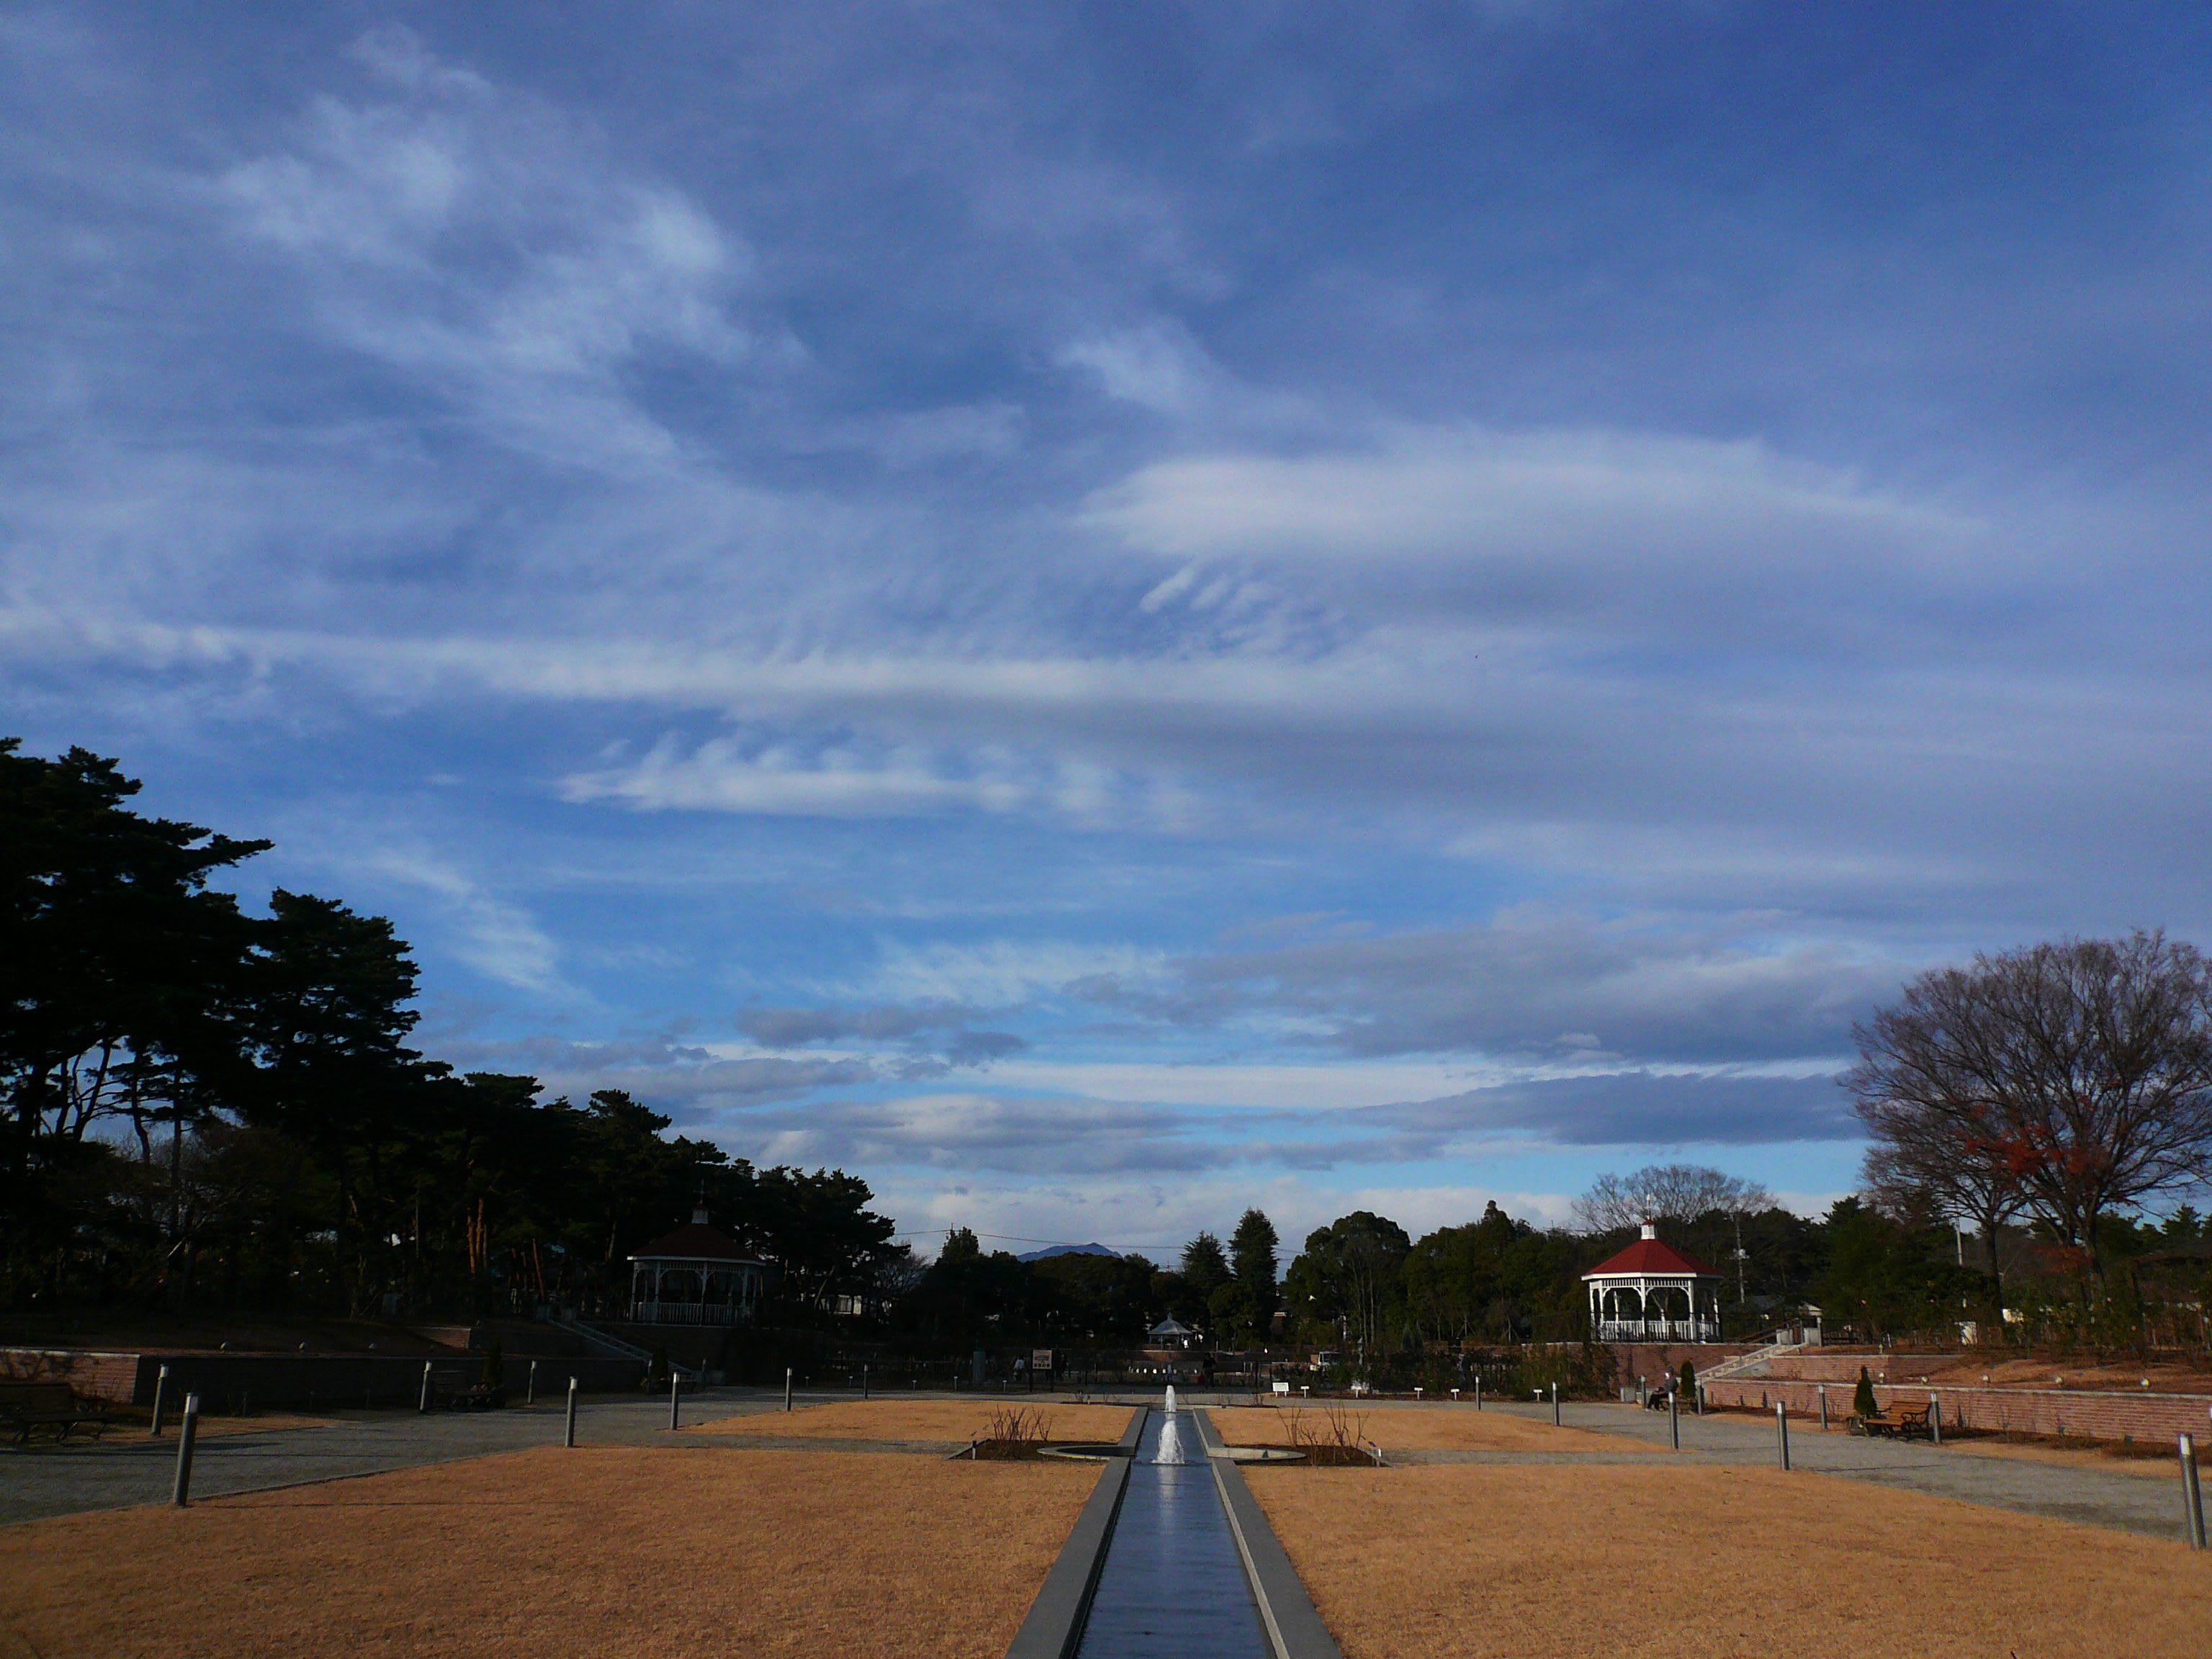 冬の公園 上総の写真 クリックすると壁紙サイズの写真 画像 になります